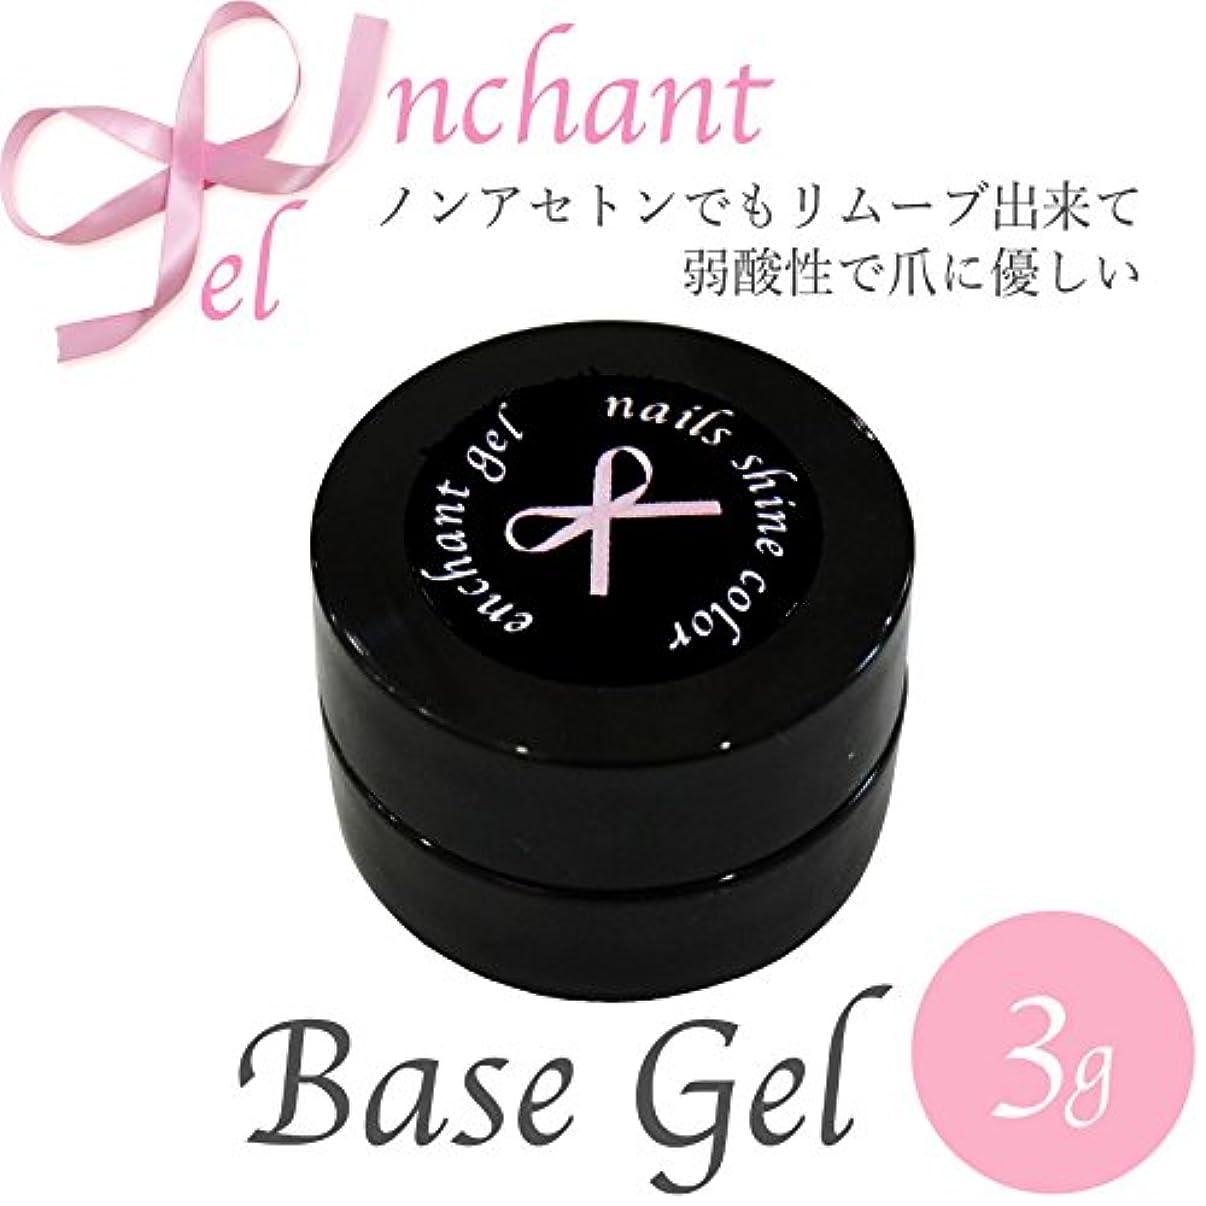 不合格寝具免除するenchant gel clear base gel 3g/エンチャントジェル クリアーベースジェル 3グラム